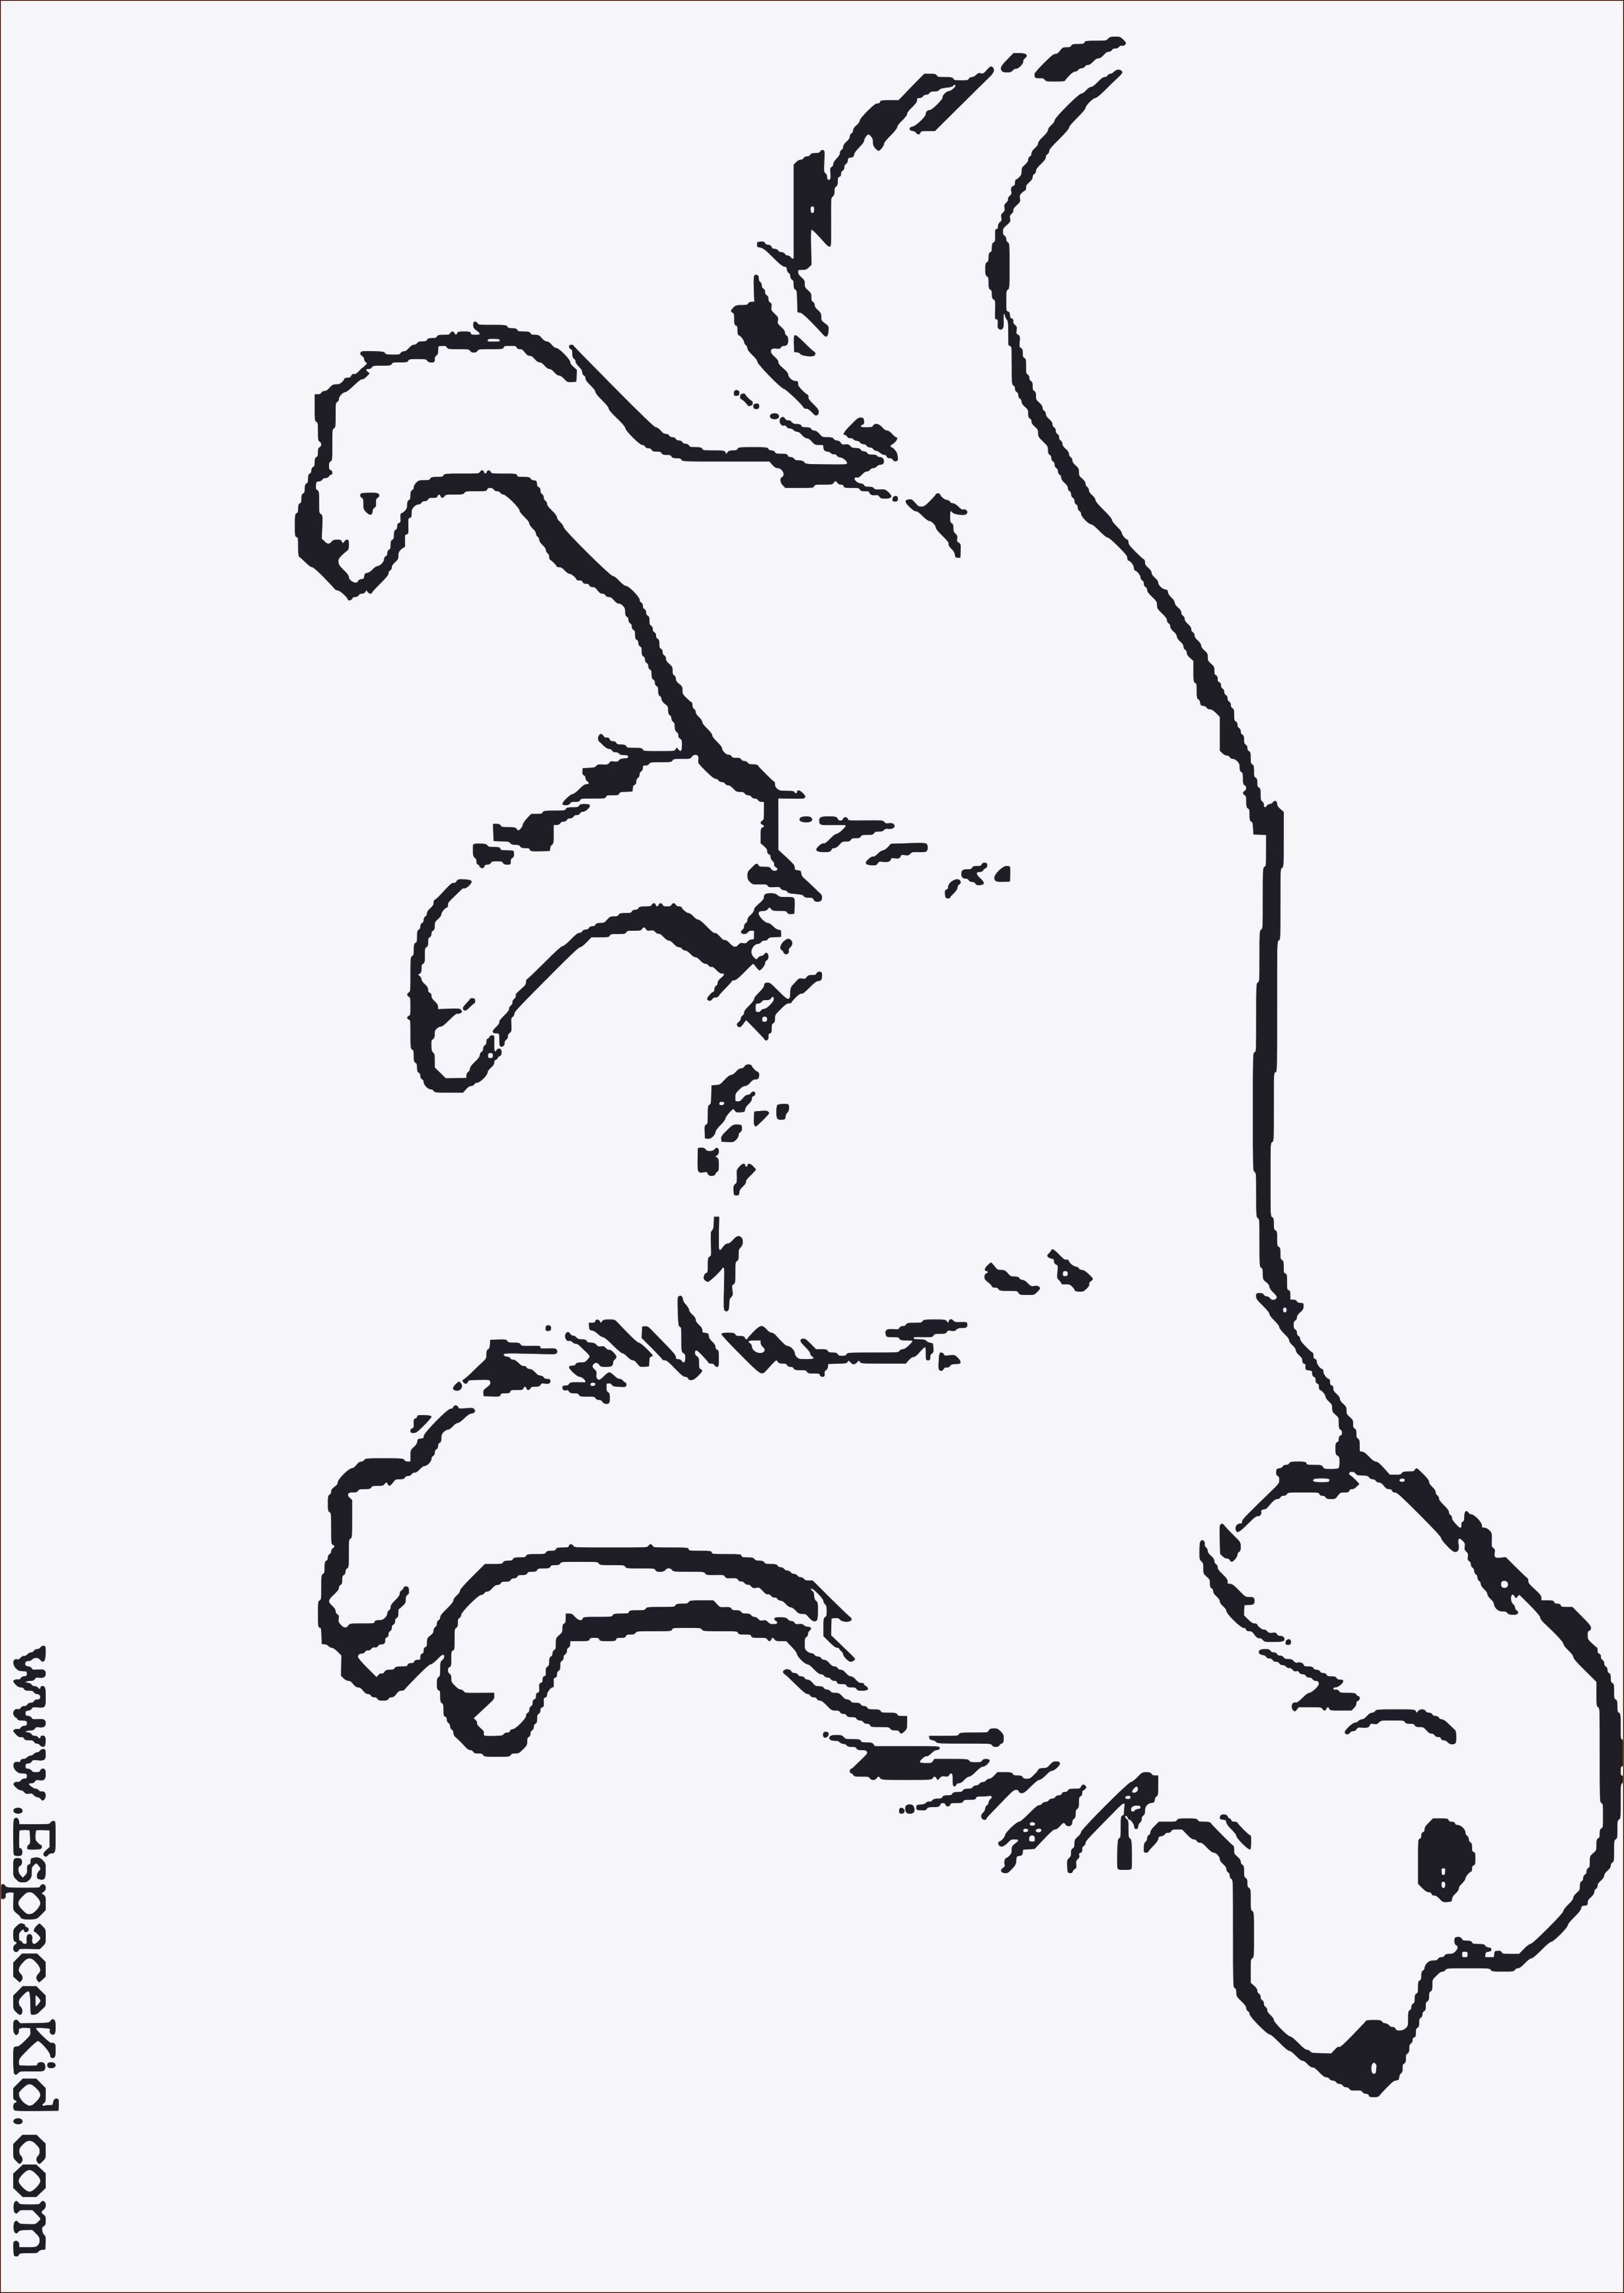 Malvorlage Lightning Mcqueen Einzigartig Ausmalbilder Zum Ausdrucken Lightning Mcqueen 14 Coloring Page Sammlung